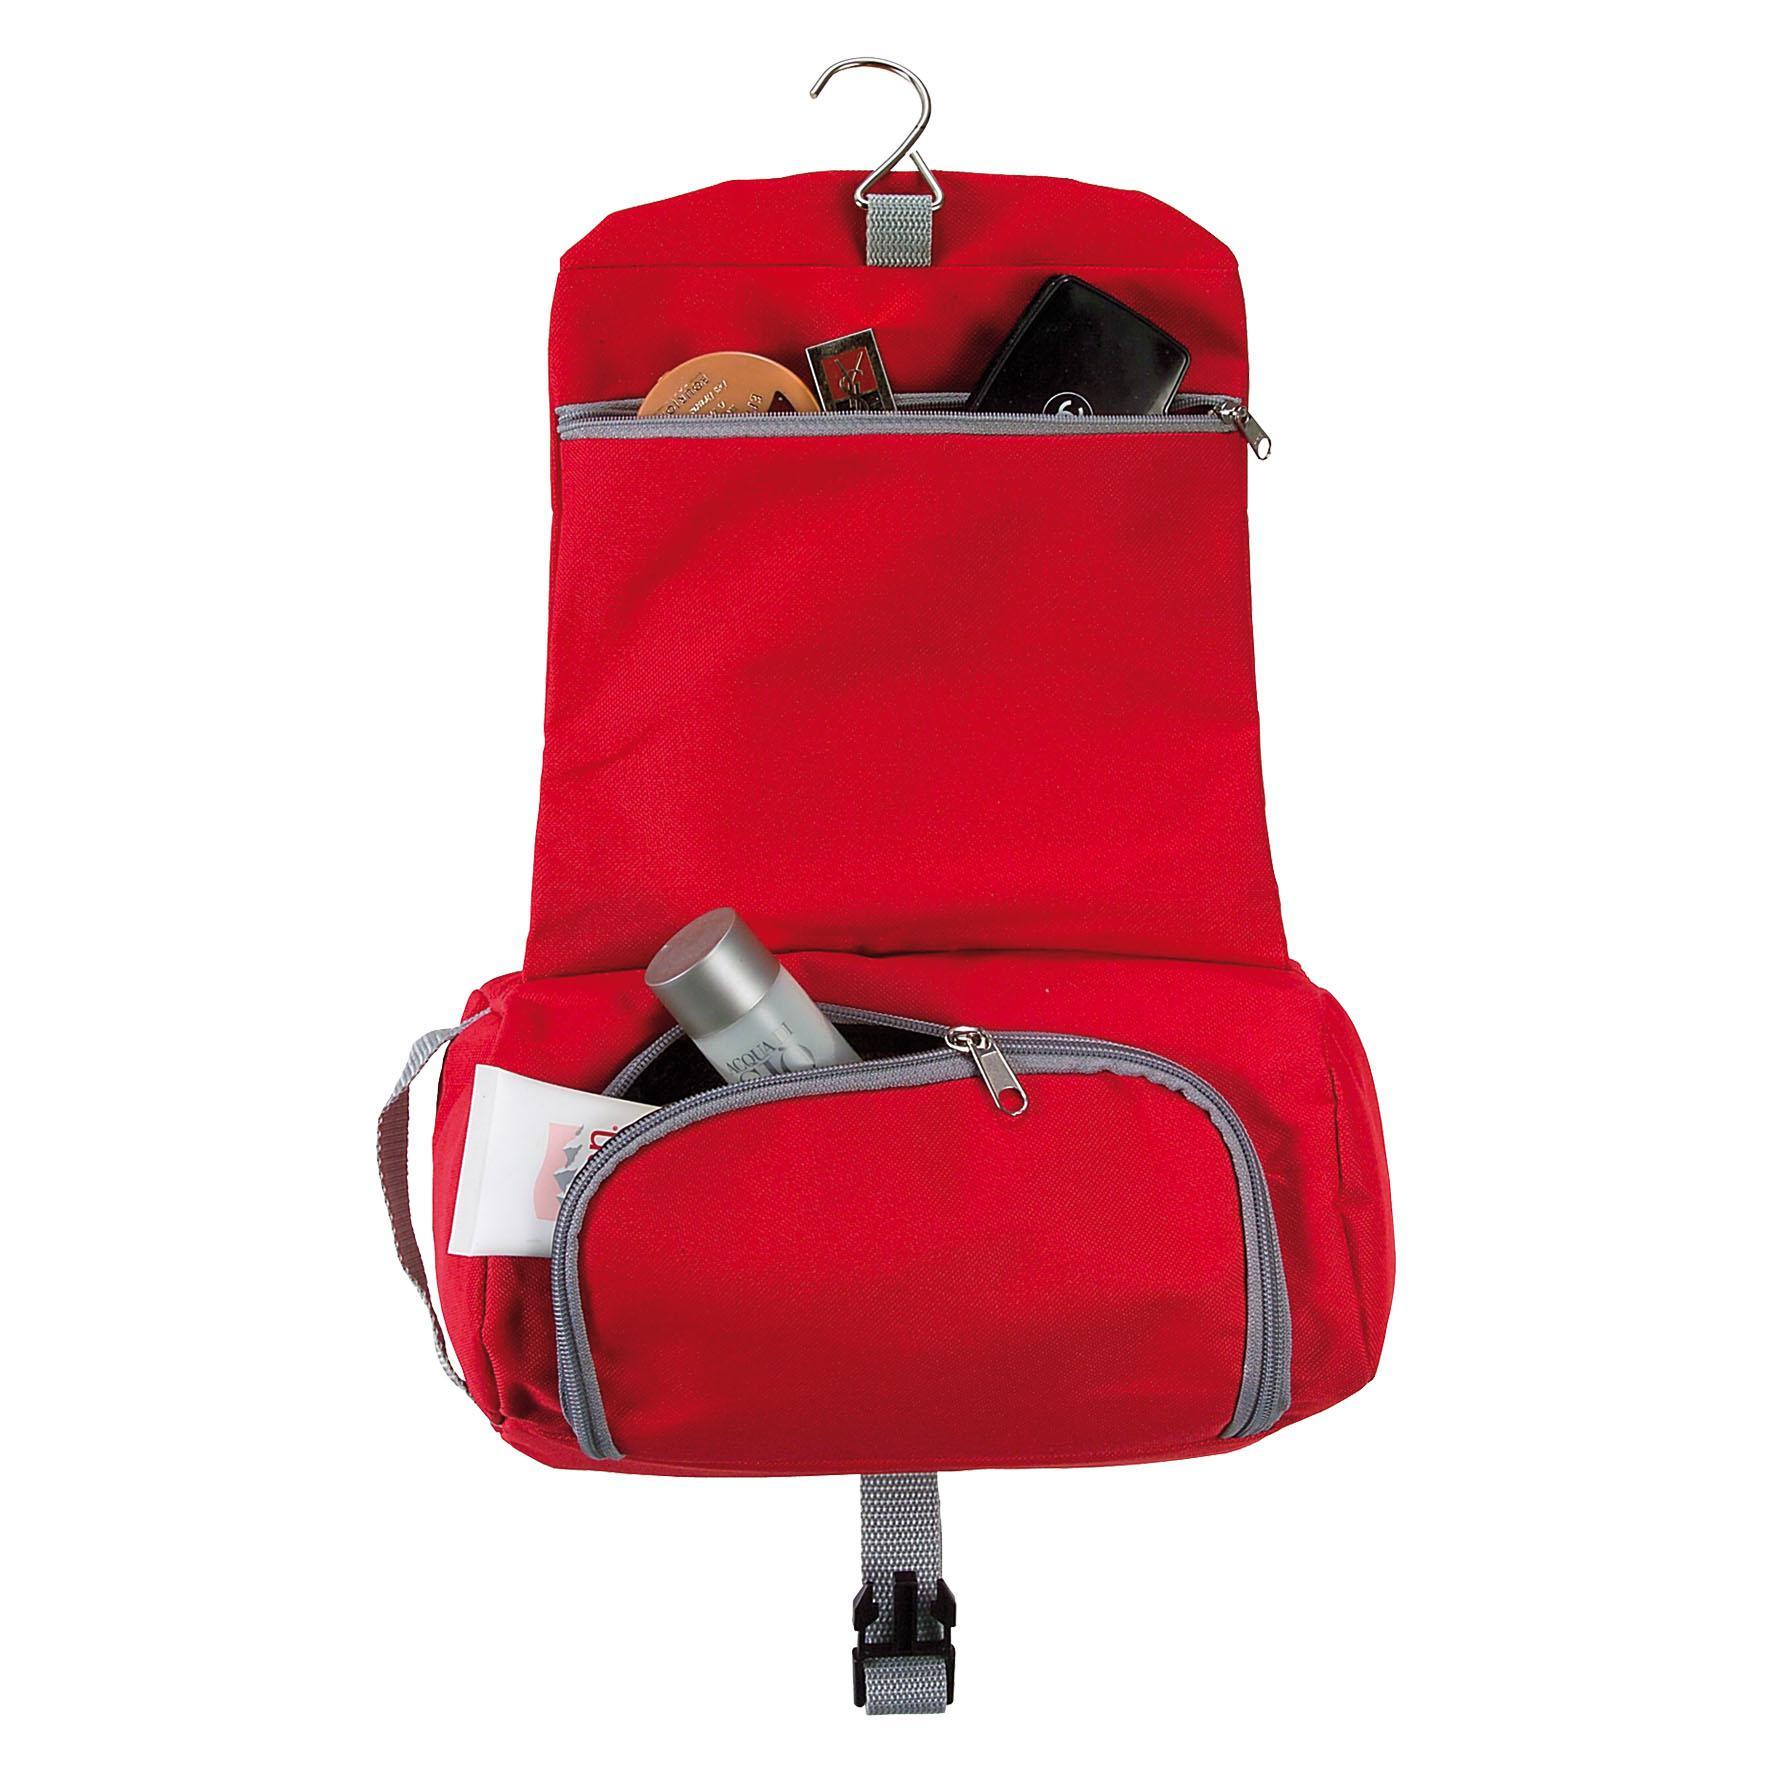 Cadeau d'entreprise - Trousse de toilette publicitaire Croisière - rouge